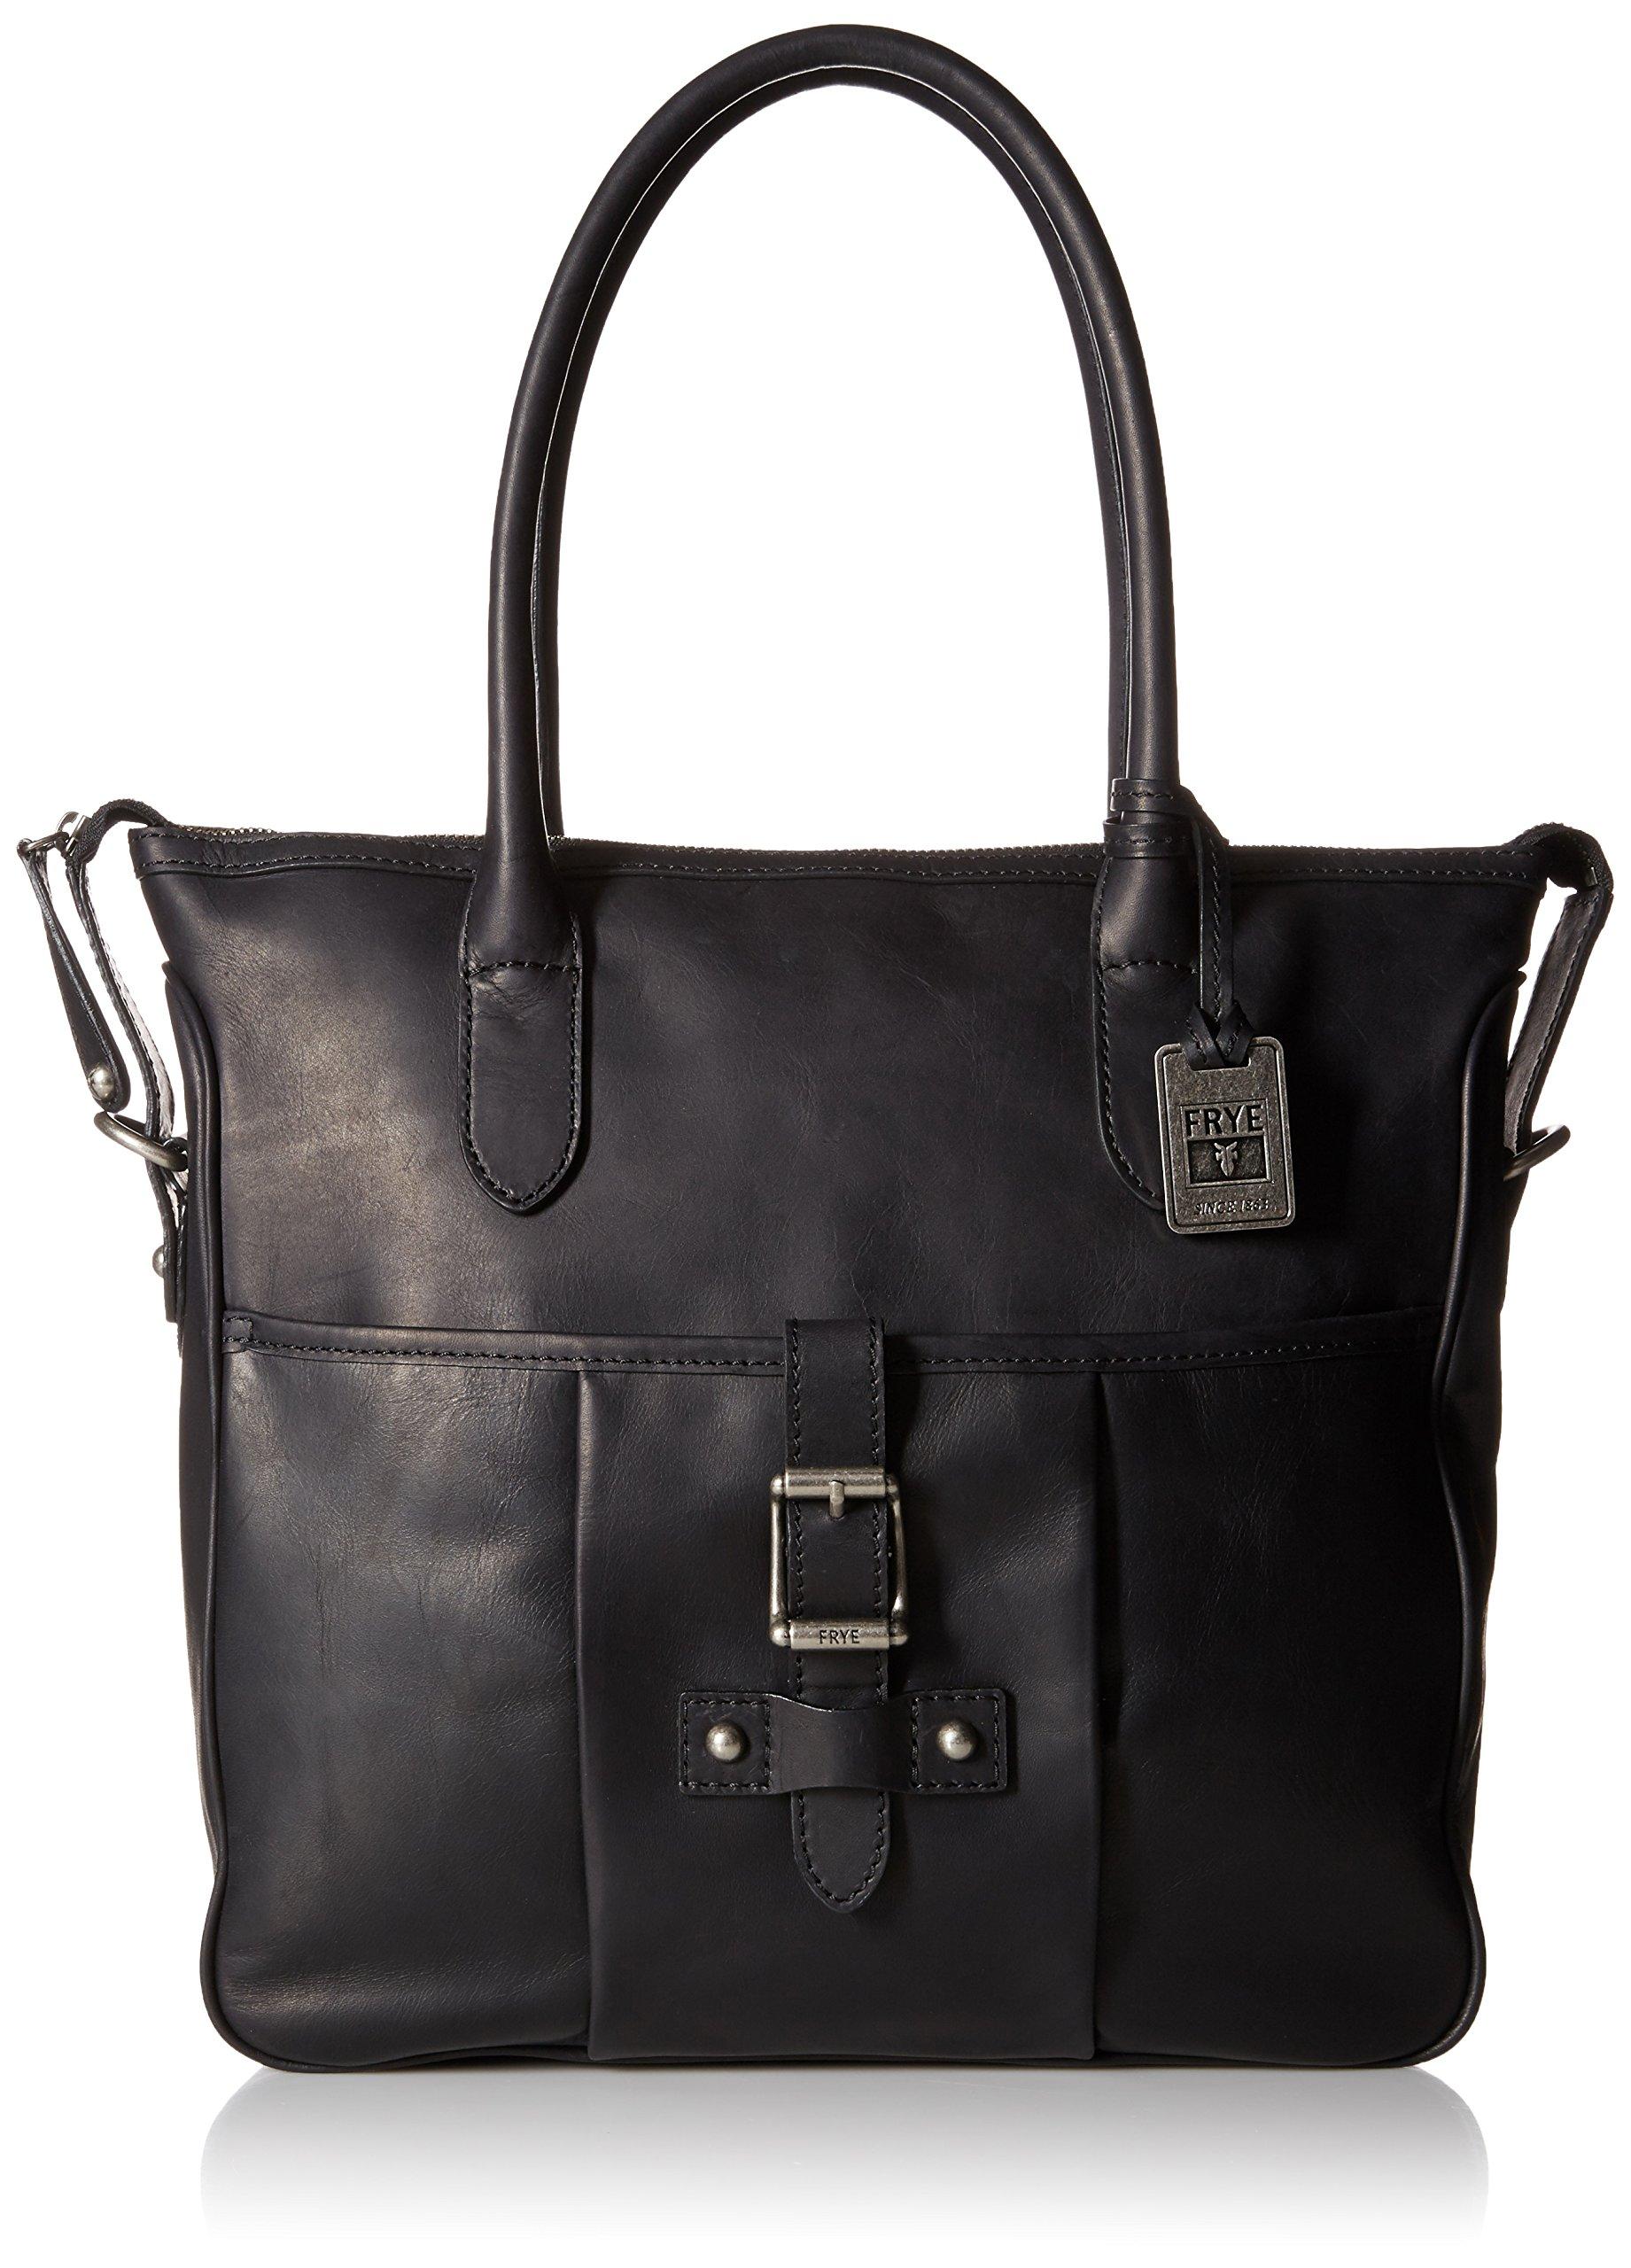 FRYE Parker Tote Shoulder Bag, Black, One Size